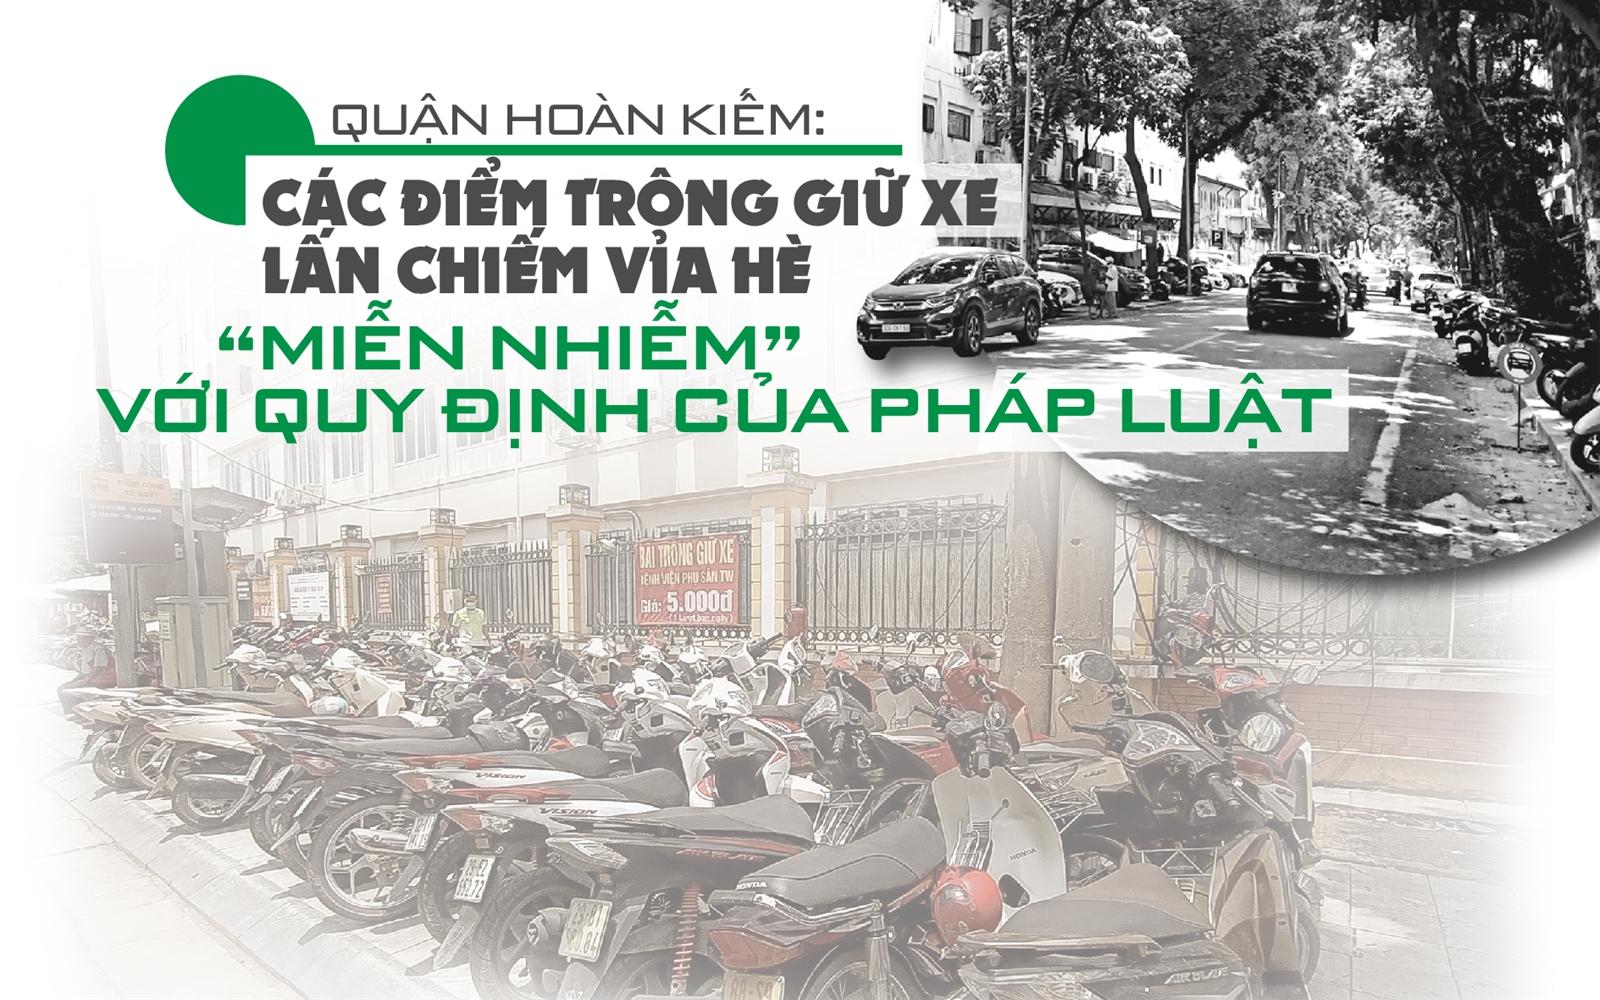 """Quận Hoàn Kiếm: Các bãi xe lấn chiếm vỉa hè """"miễn nhiễm"""" với quy định pháp luật"""